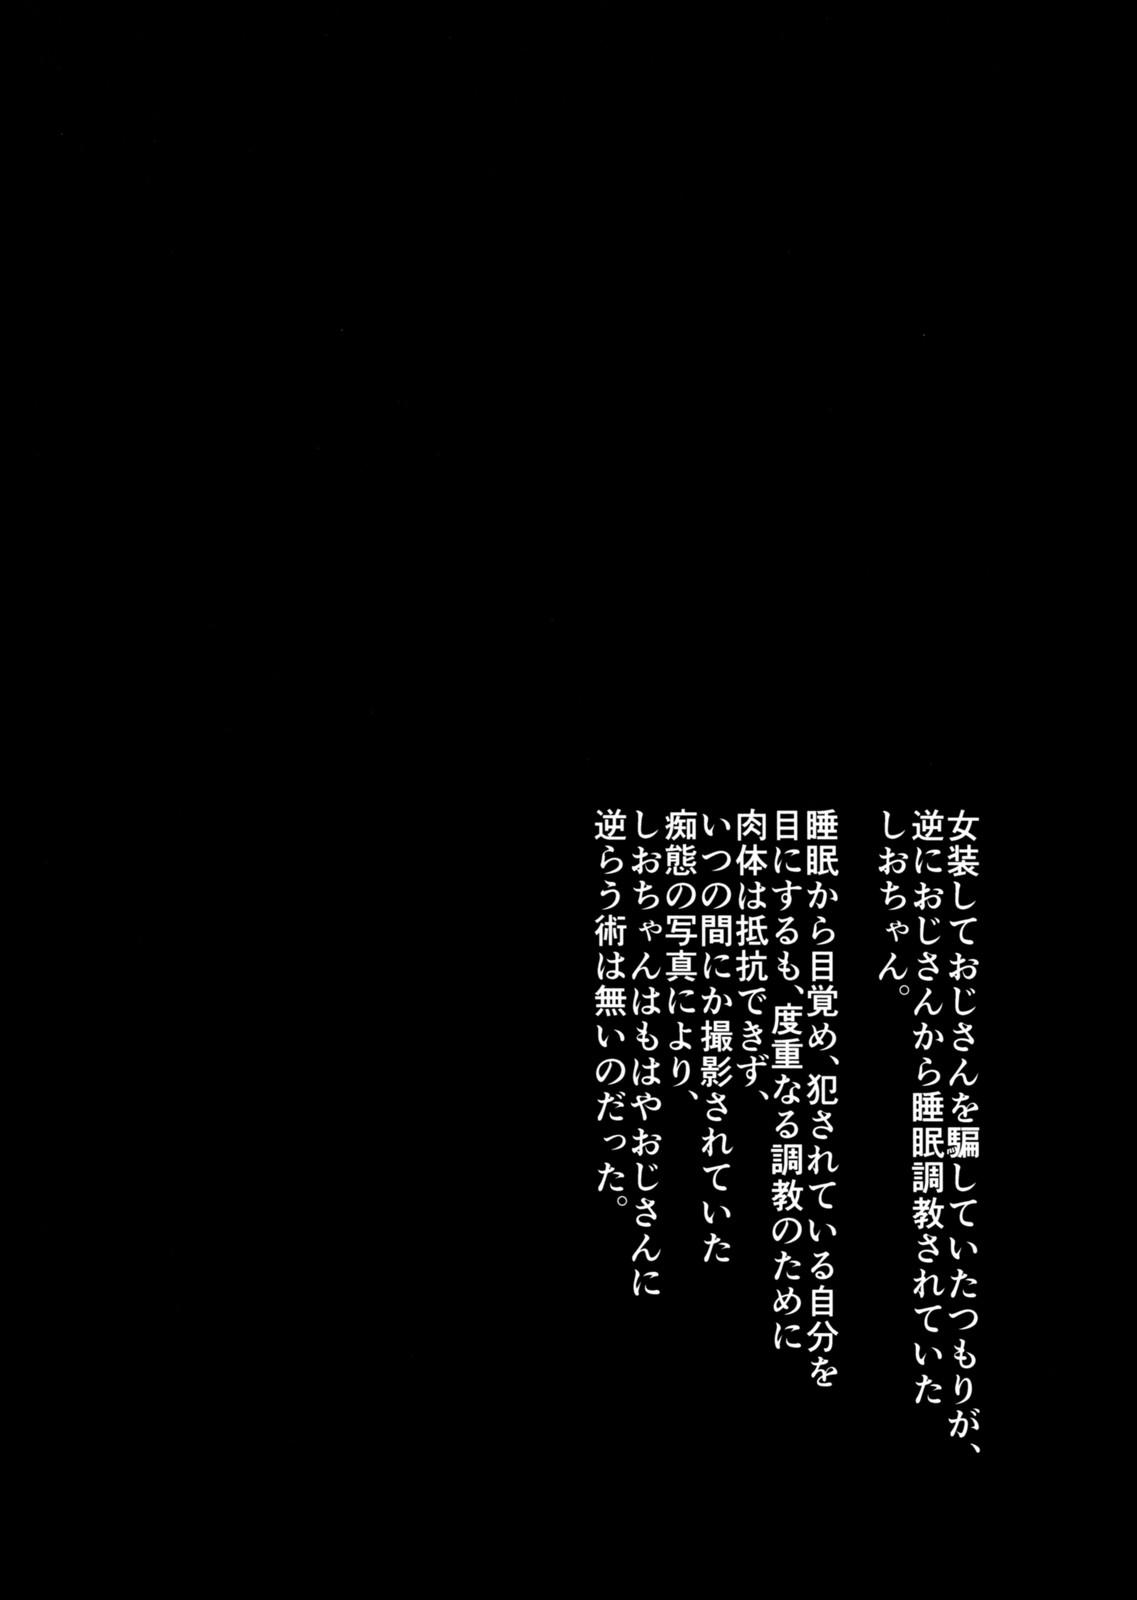 【エロ同人誌】女装少年がおじさんに公園で調教公開セックスされガチイキwww【オリジナル/ふたけっと13】